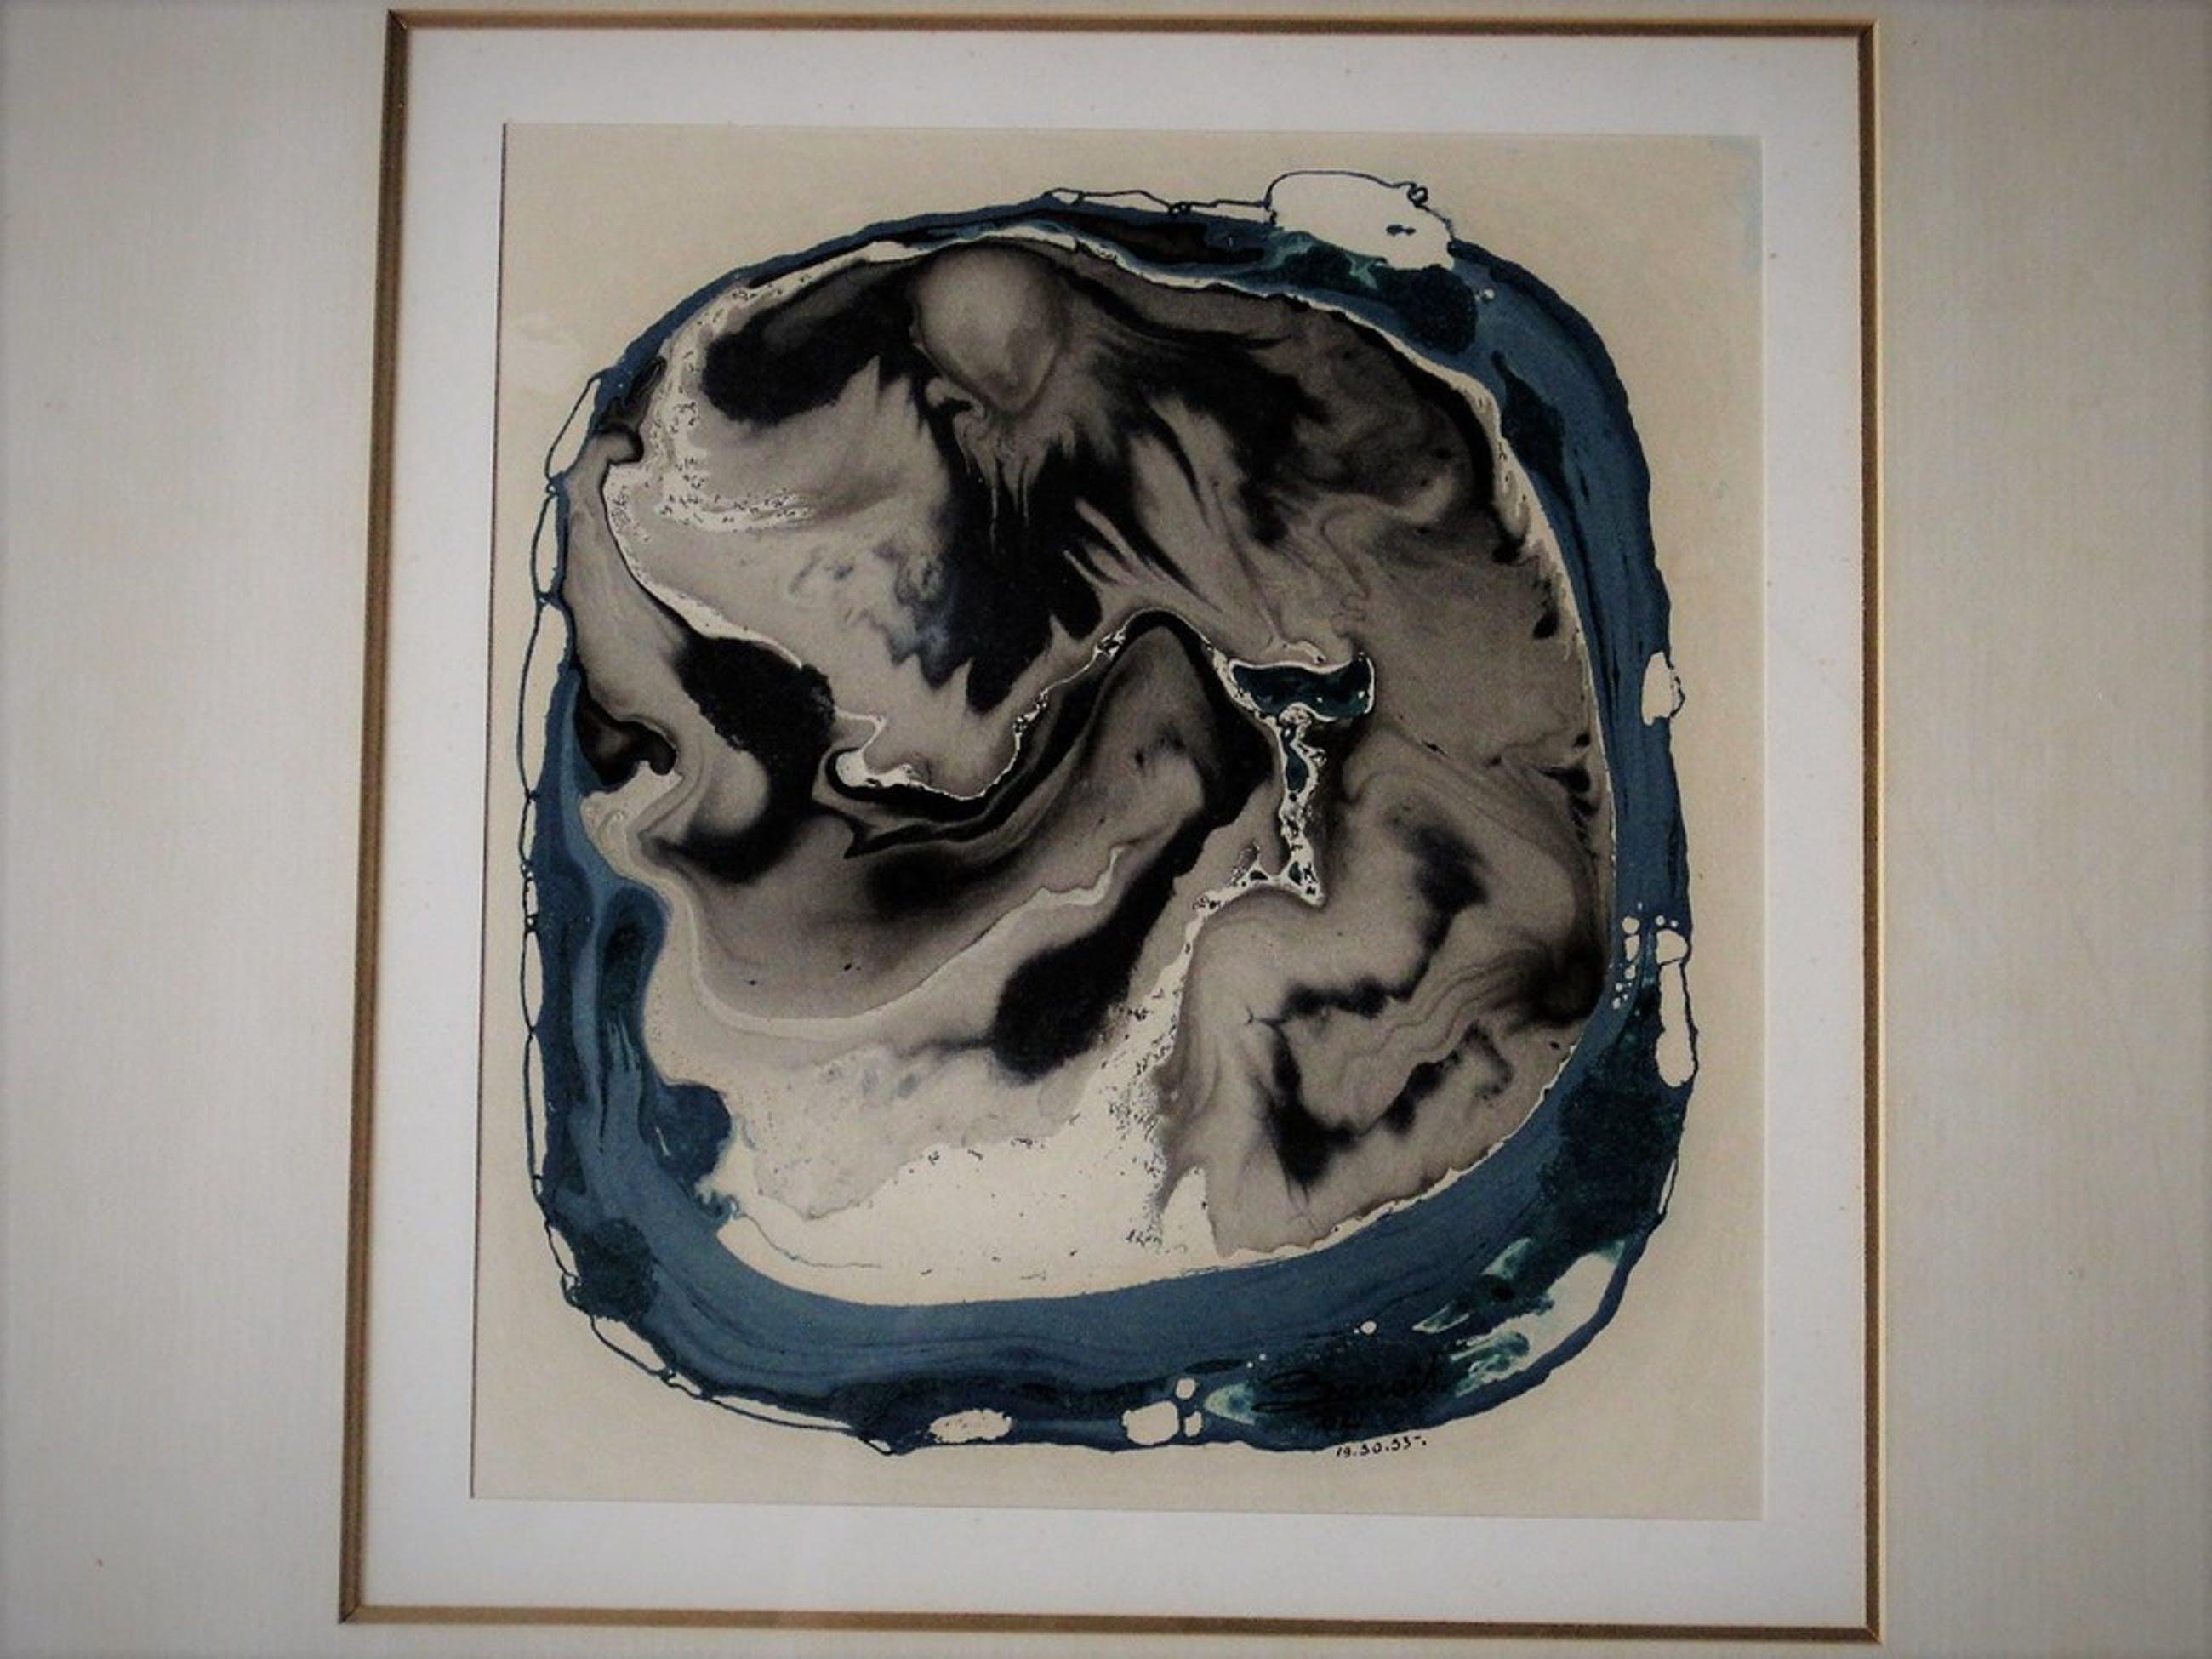 """Boeiende abstracte aquarel """"Genesis 19.30.33"""" gesigneerd Benoit 1962  kopen? Bied vanaf 1!"""